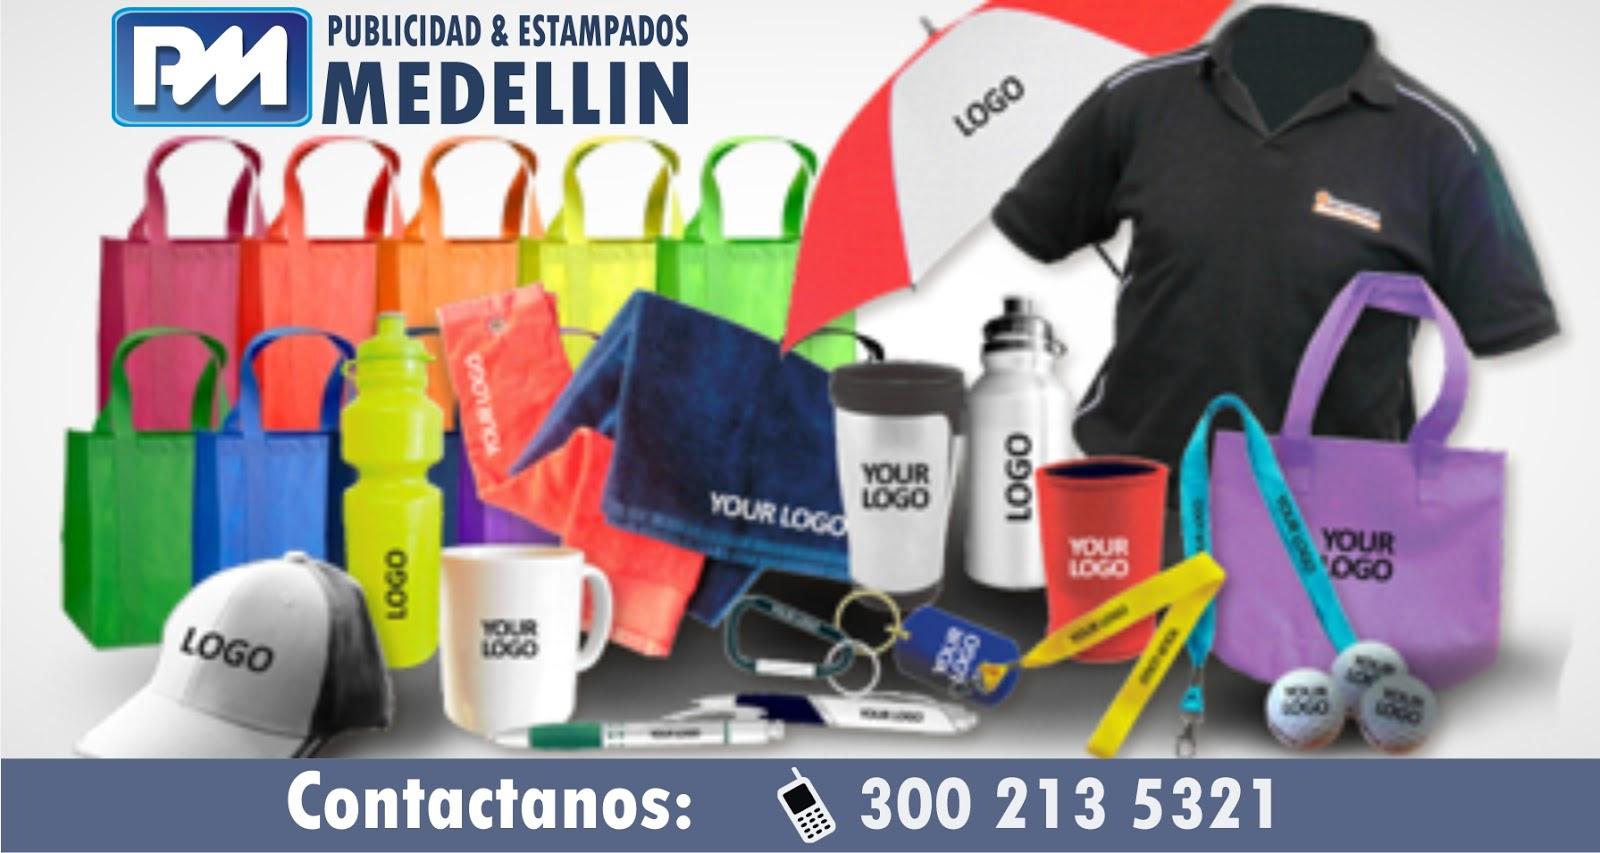 publicidad medellin. Impresión y artículos promocionales  estampados  Medellin 06818c6de42